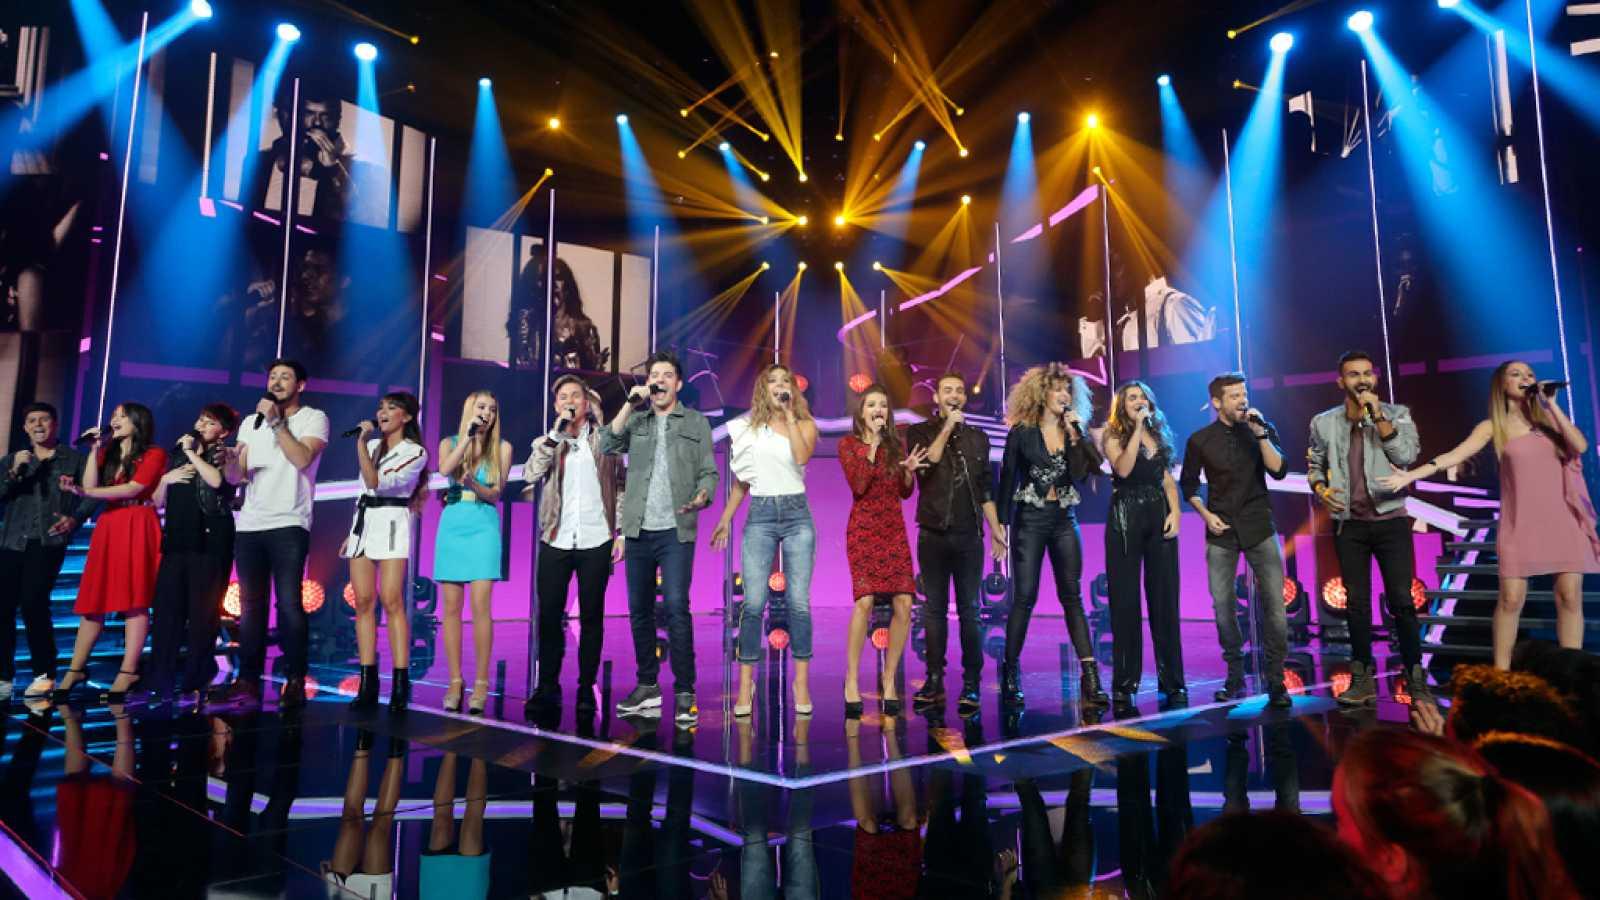 Eurovisión - La representación de España en Eurovisión 2018 saldrá de Operación Triunfo